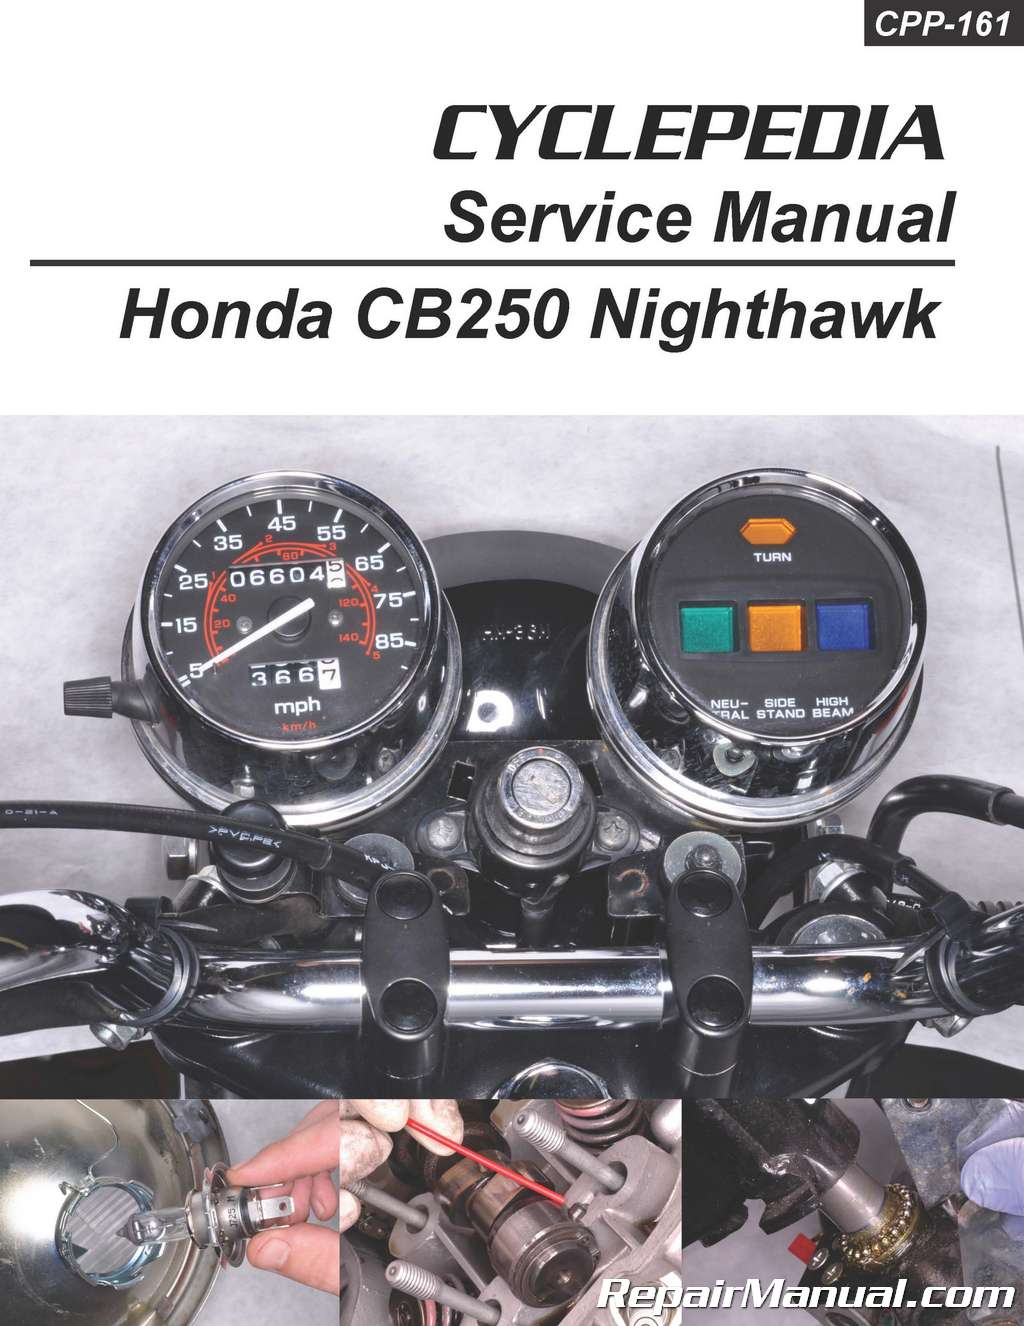 hight resolution of honda cb250 nighthawk